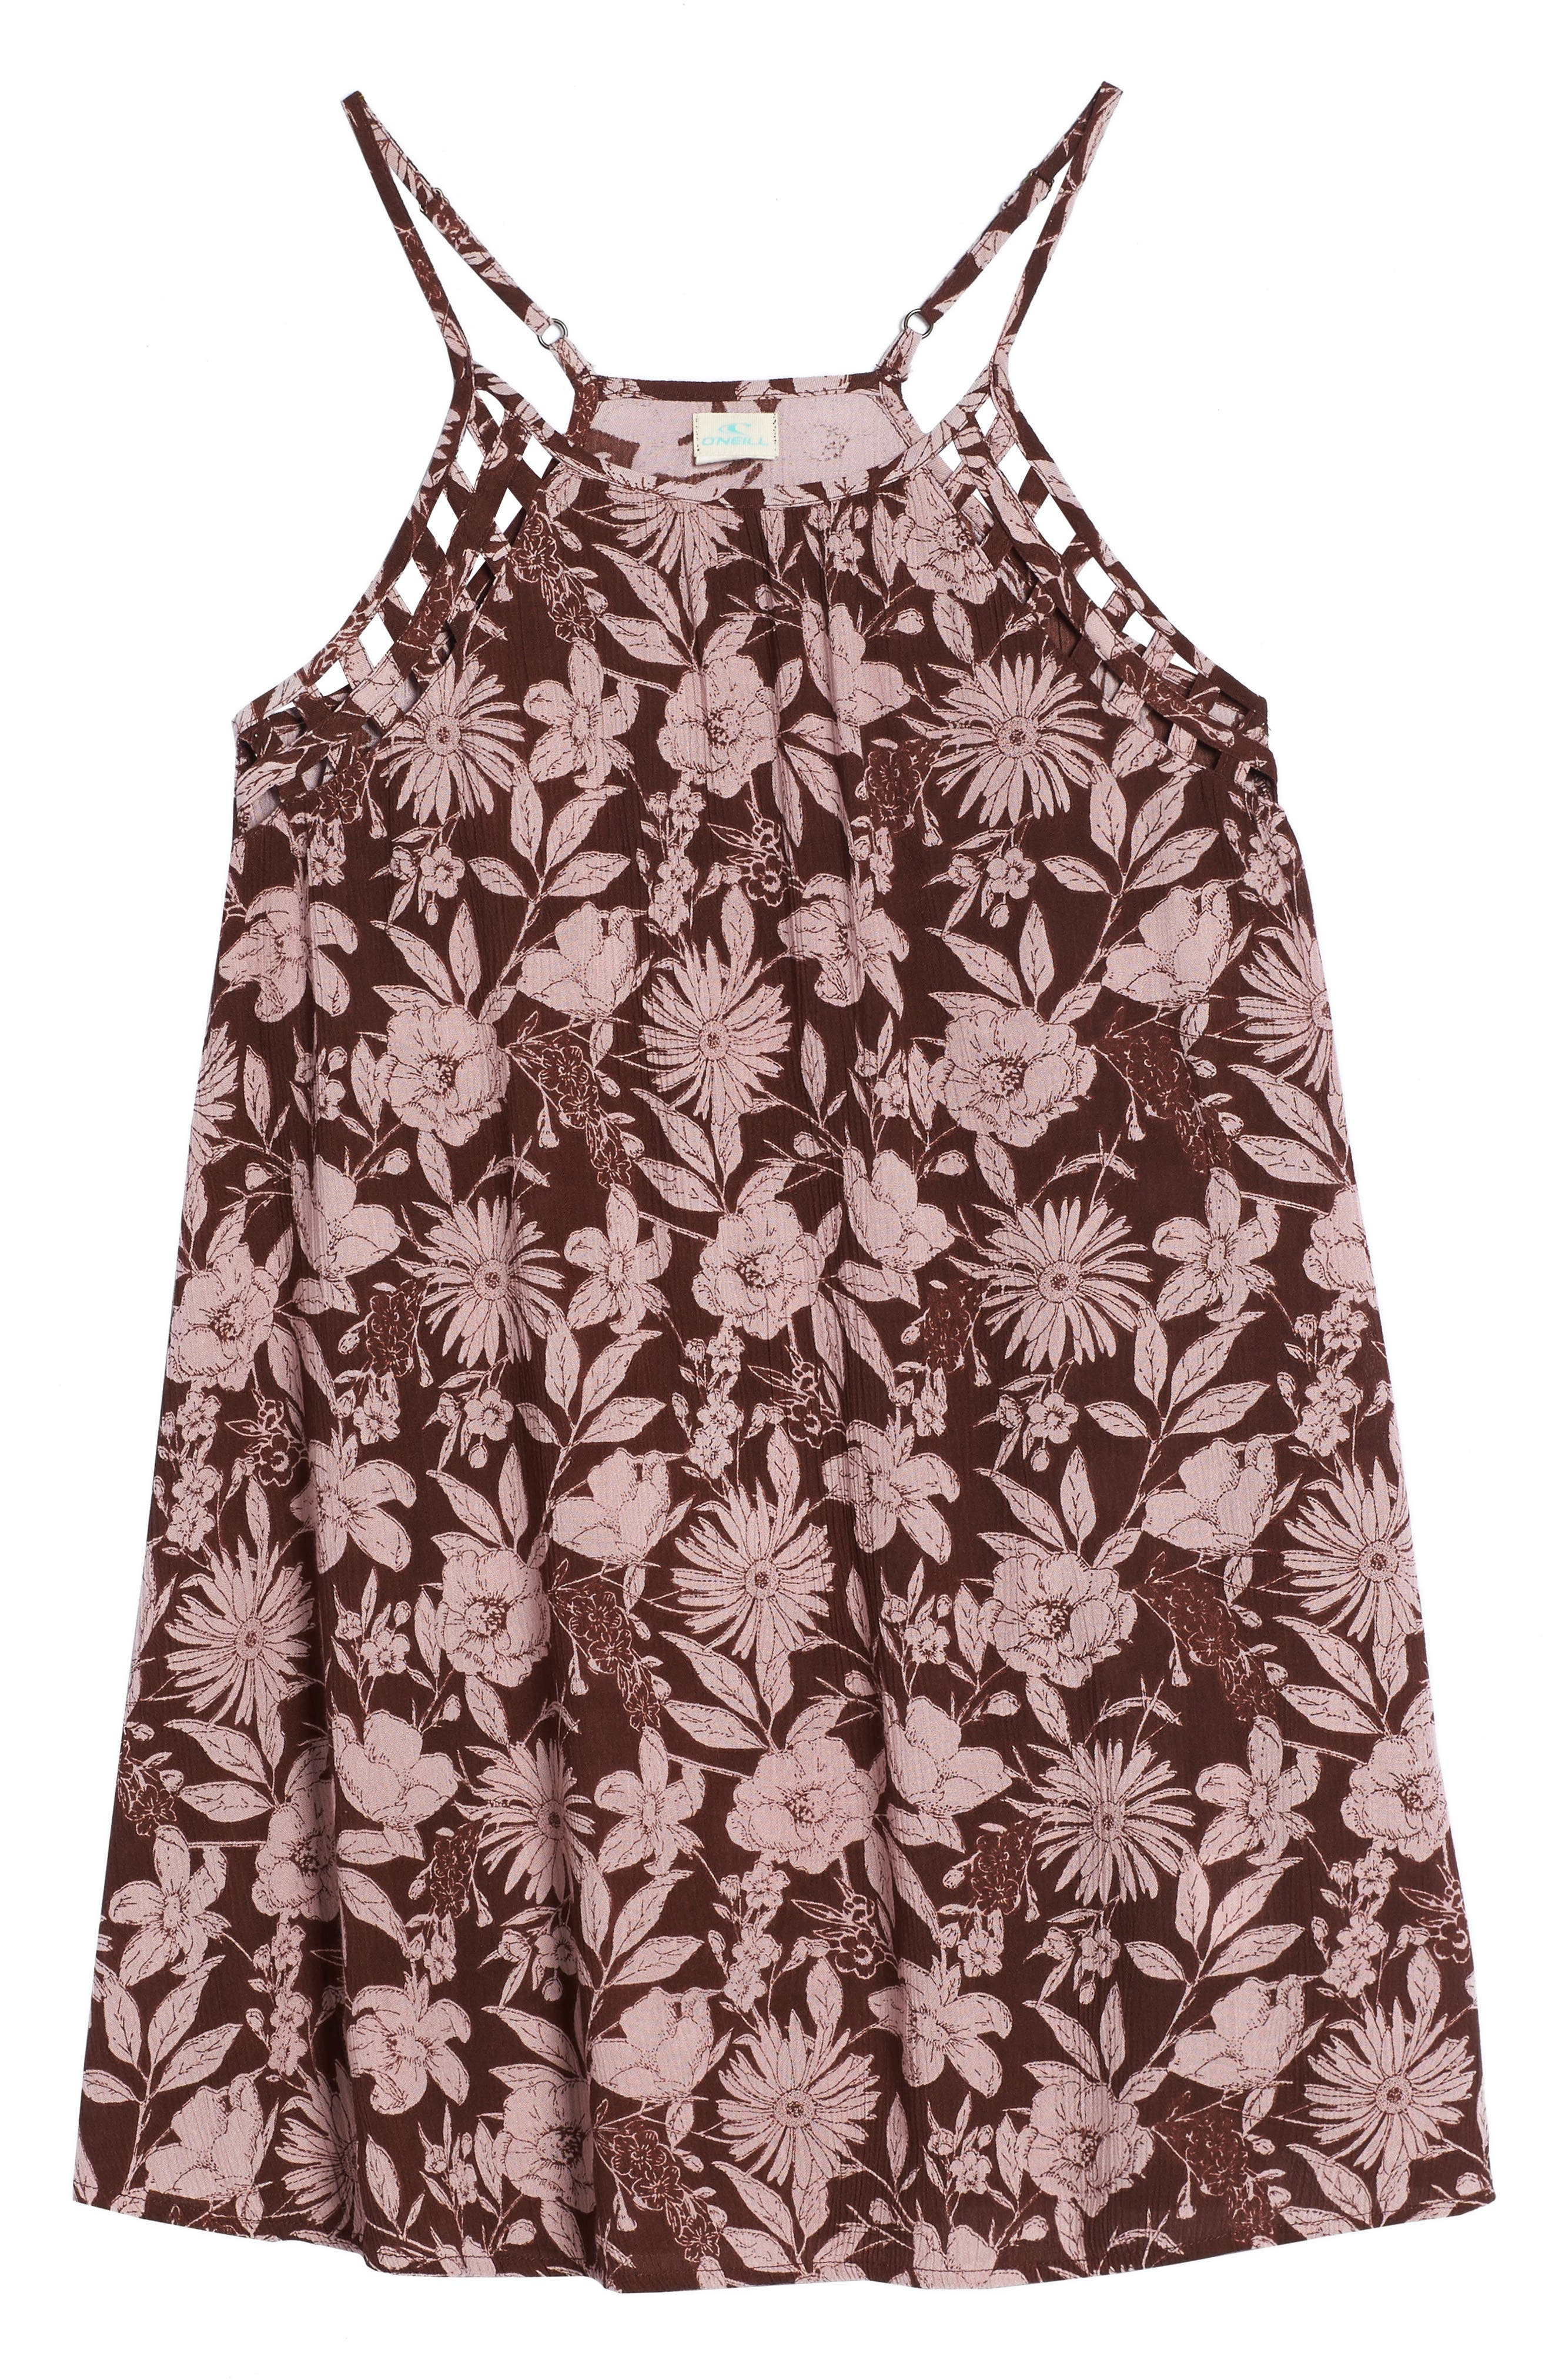 Otis Tank Dress,                             Main thumbnail 1, color,                             200